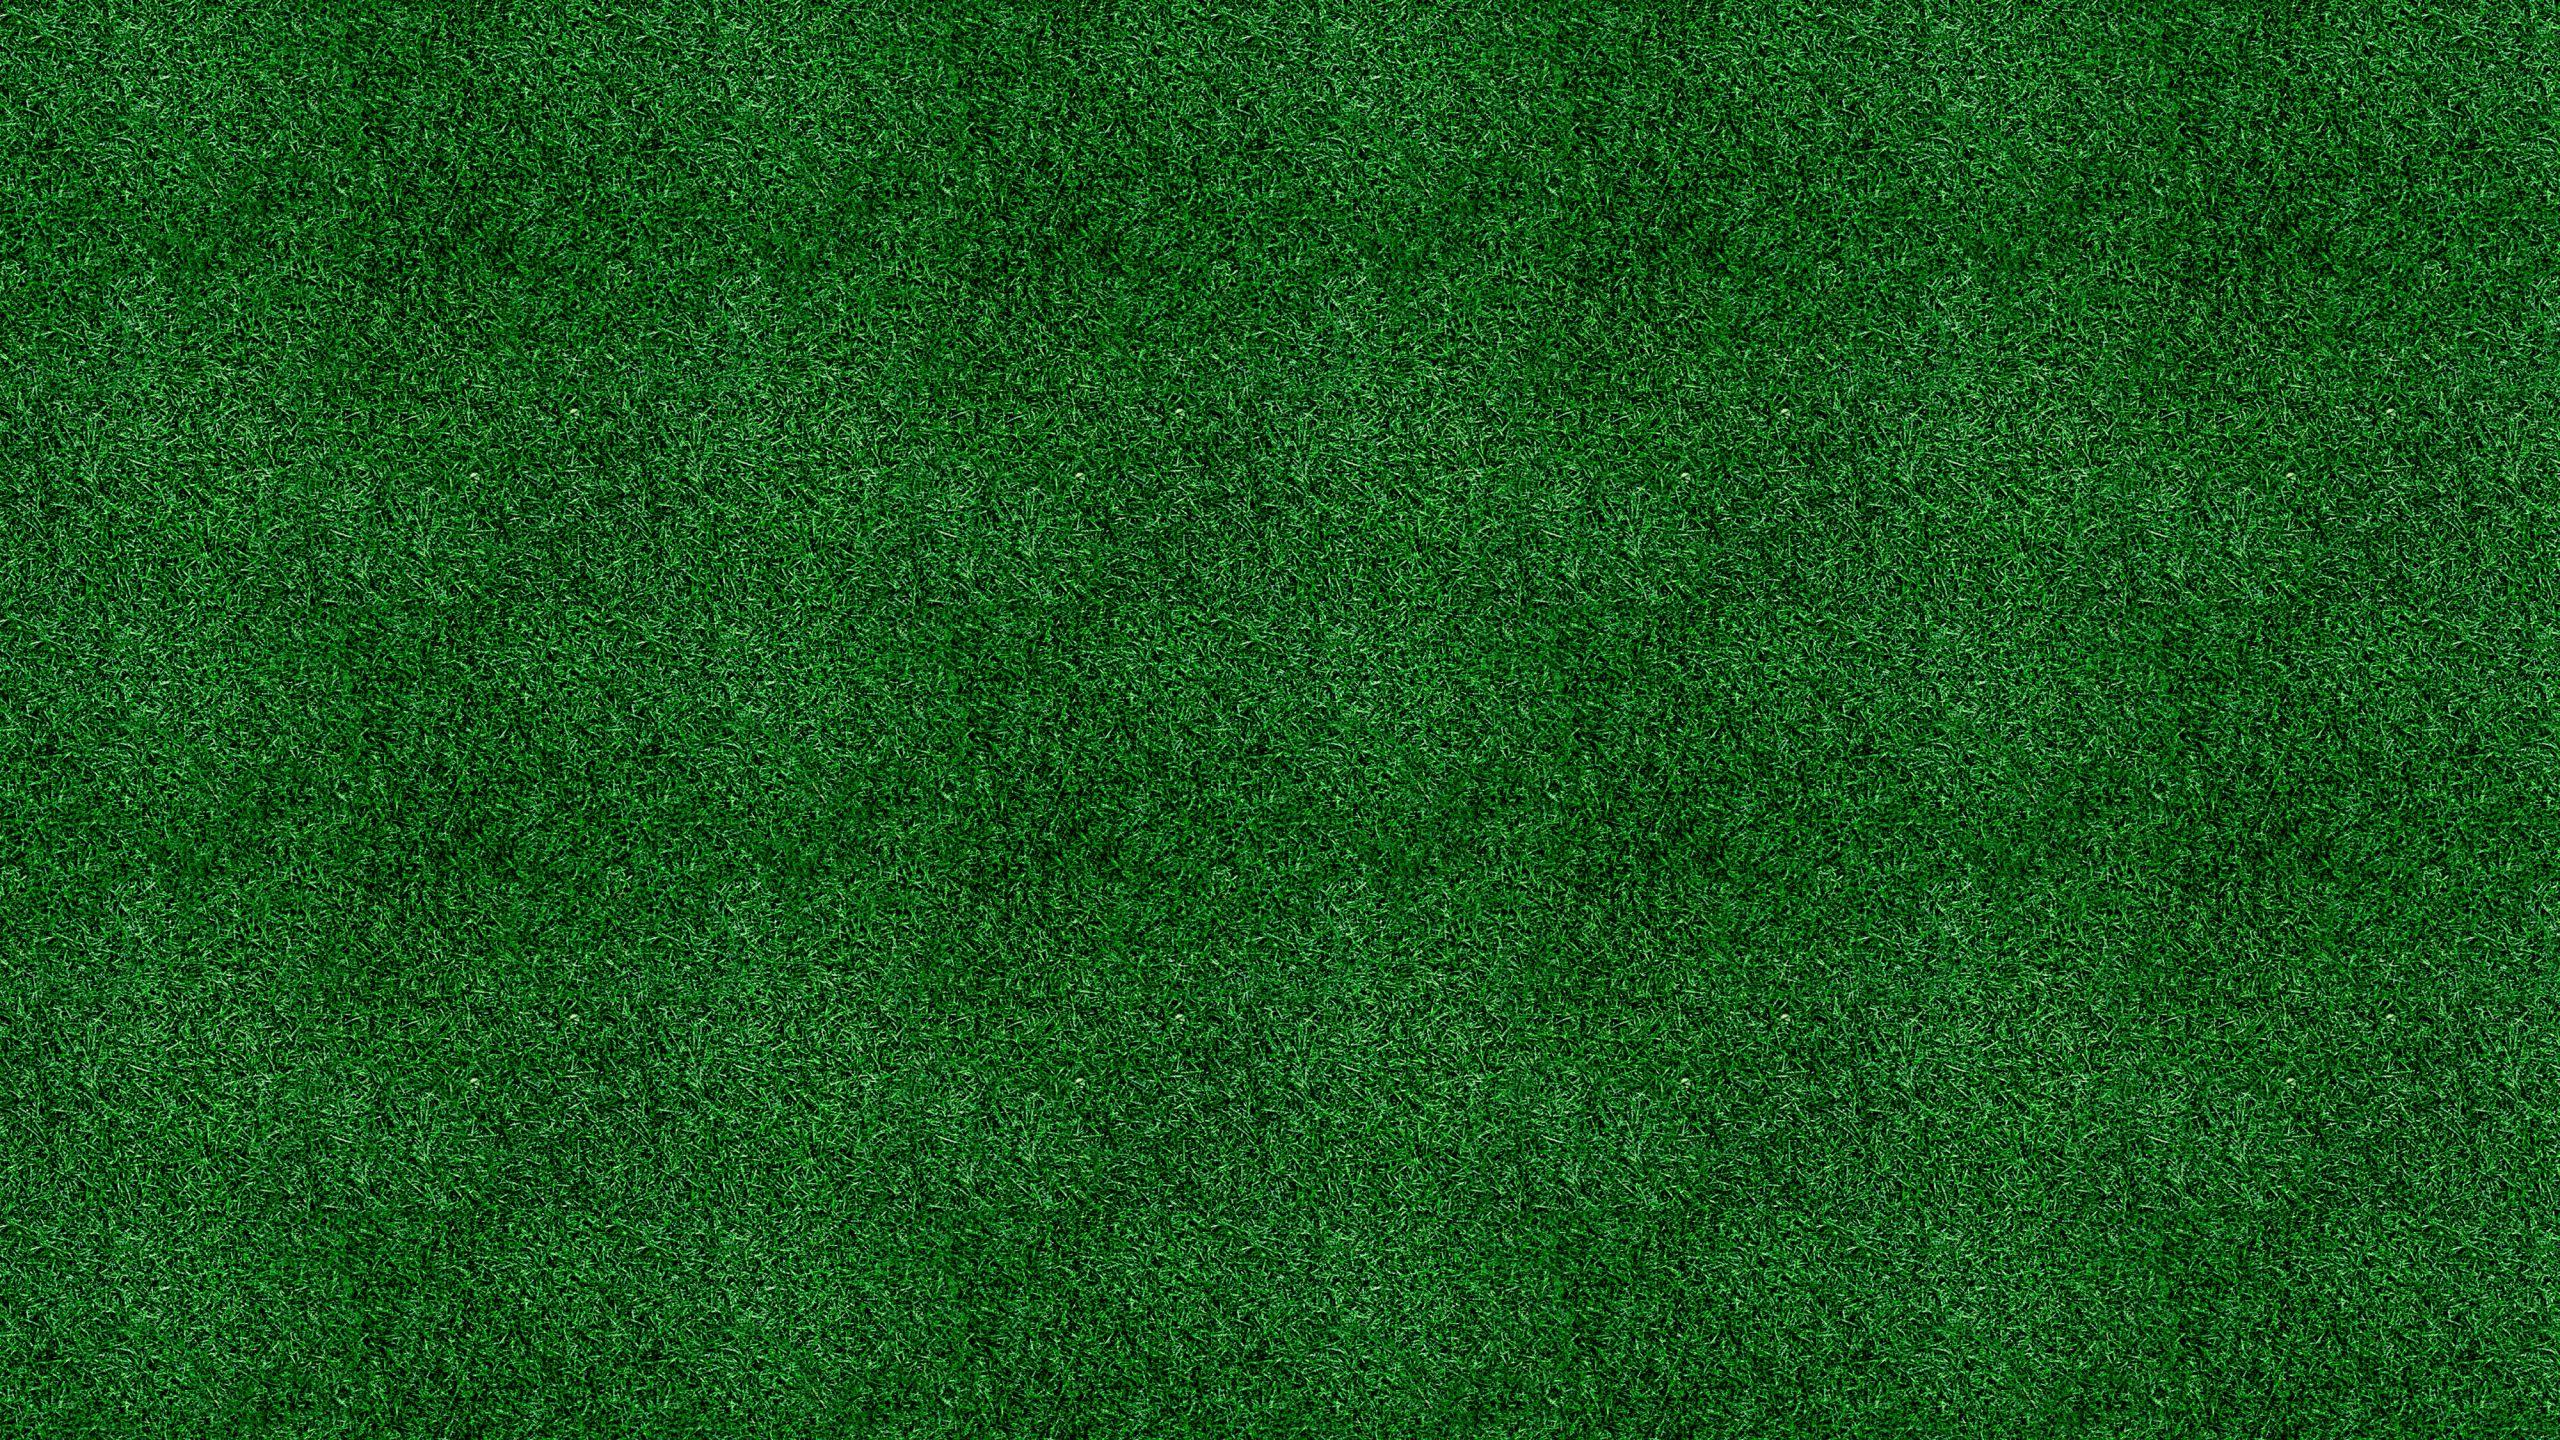 Dark green grass background